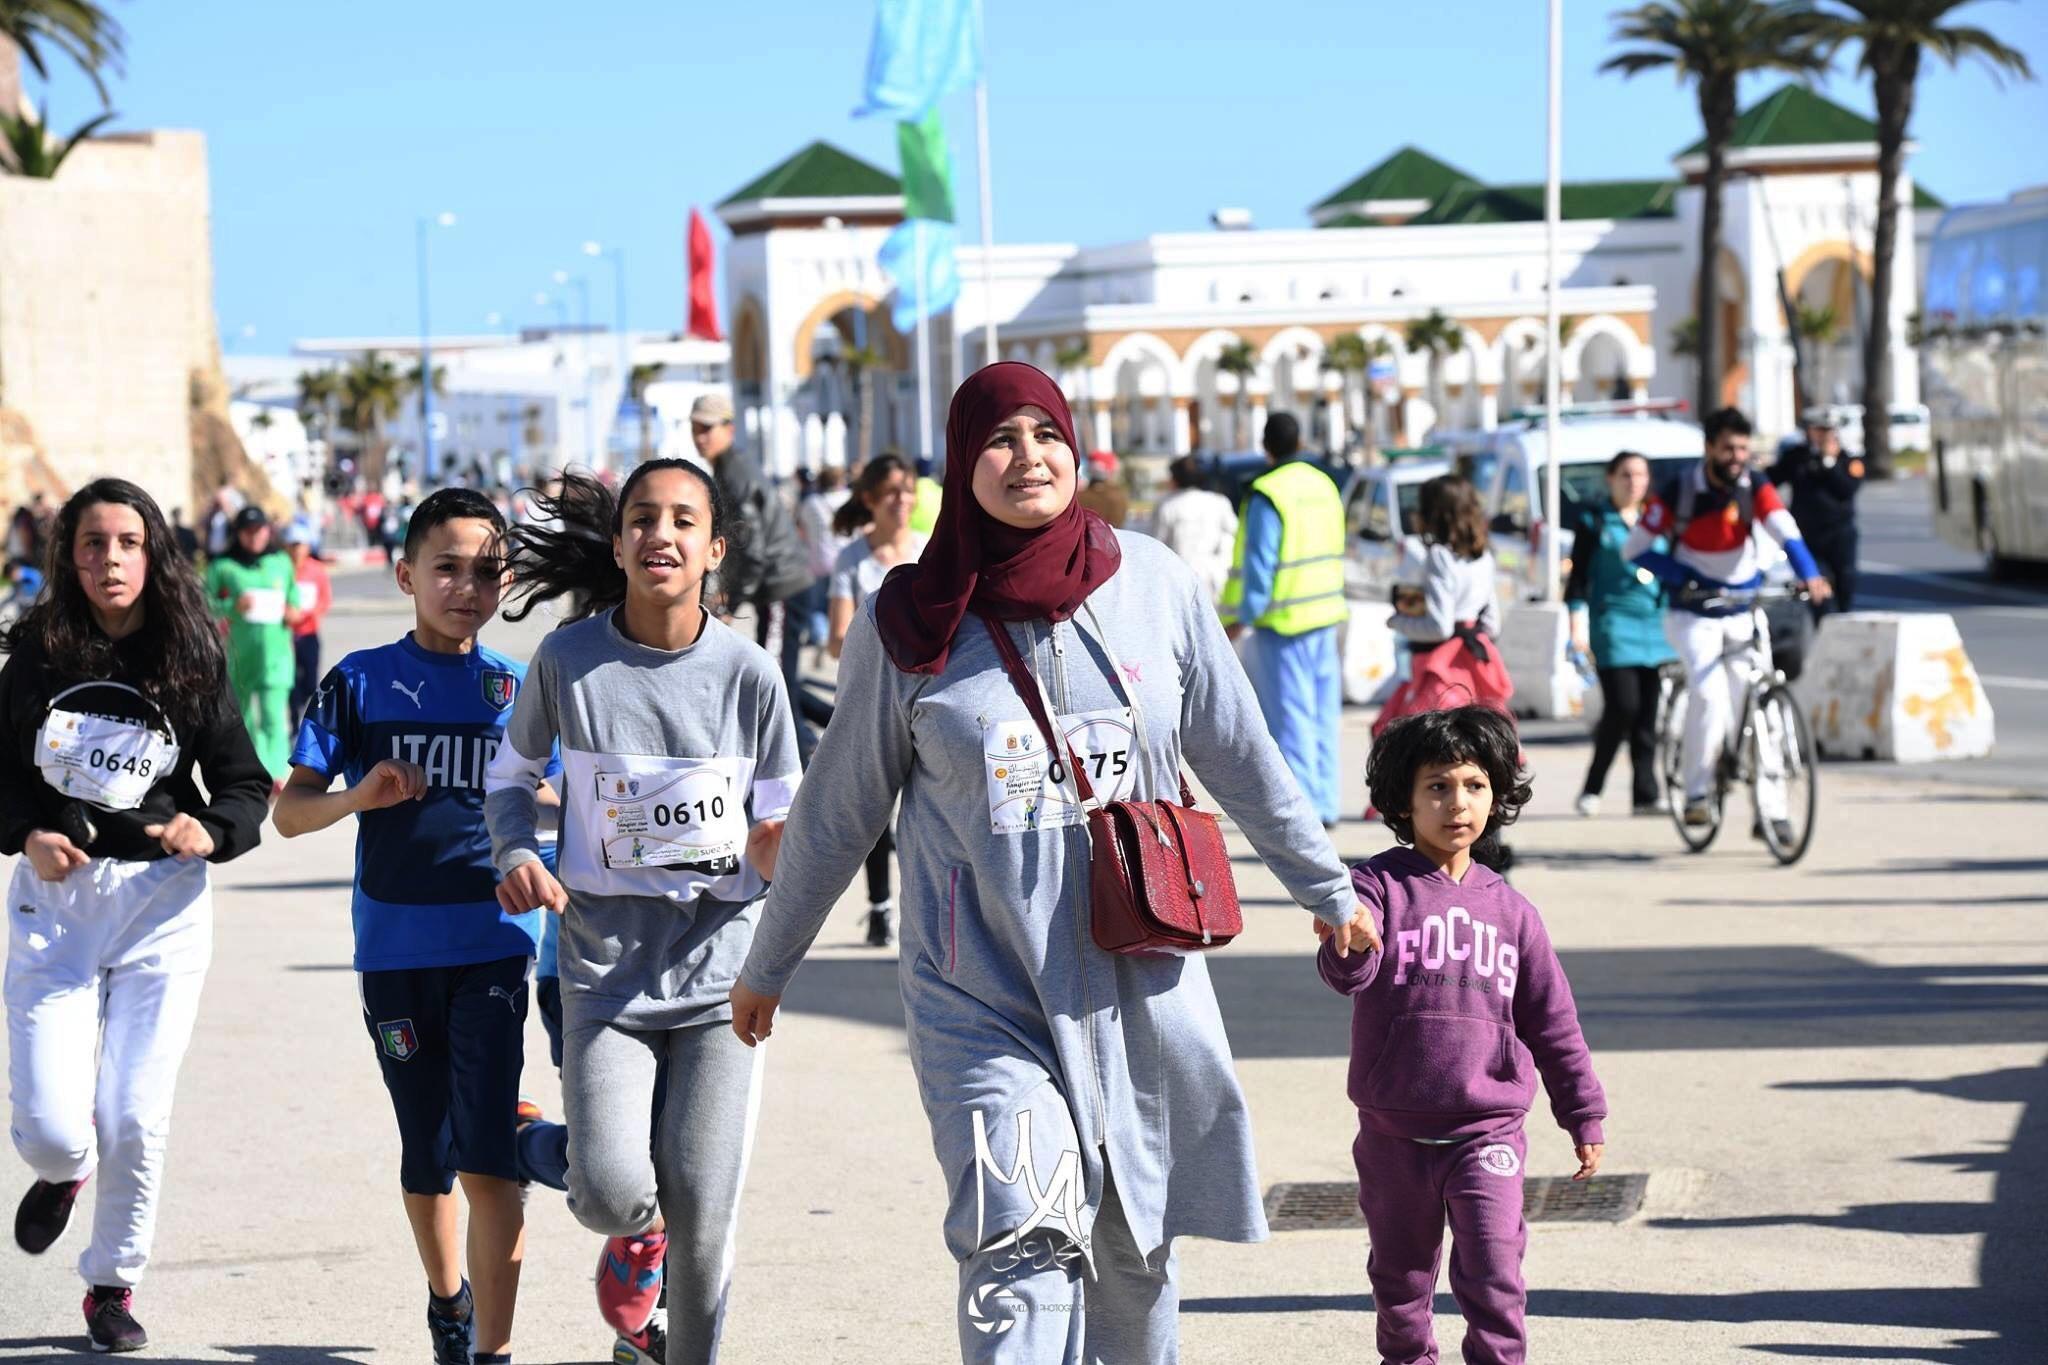 صورة طنجة: سباق على الطريق بمناسبة اليوم الوطني للمرأة المغربية